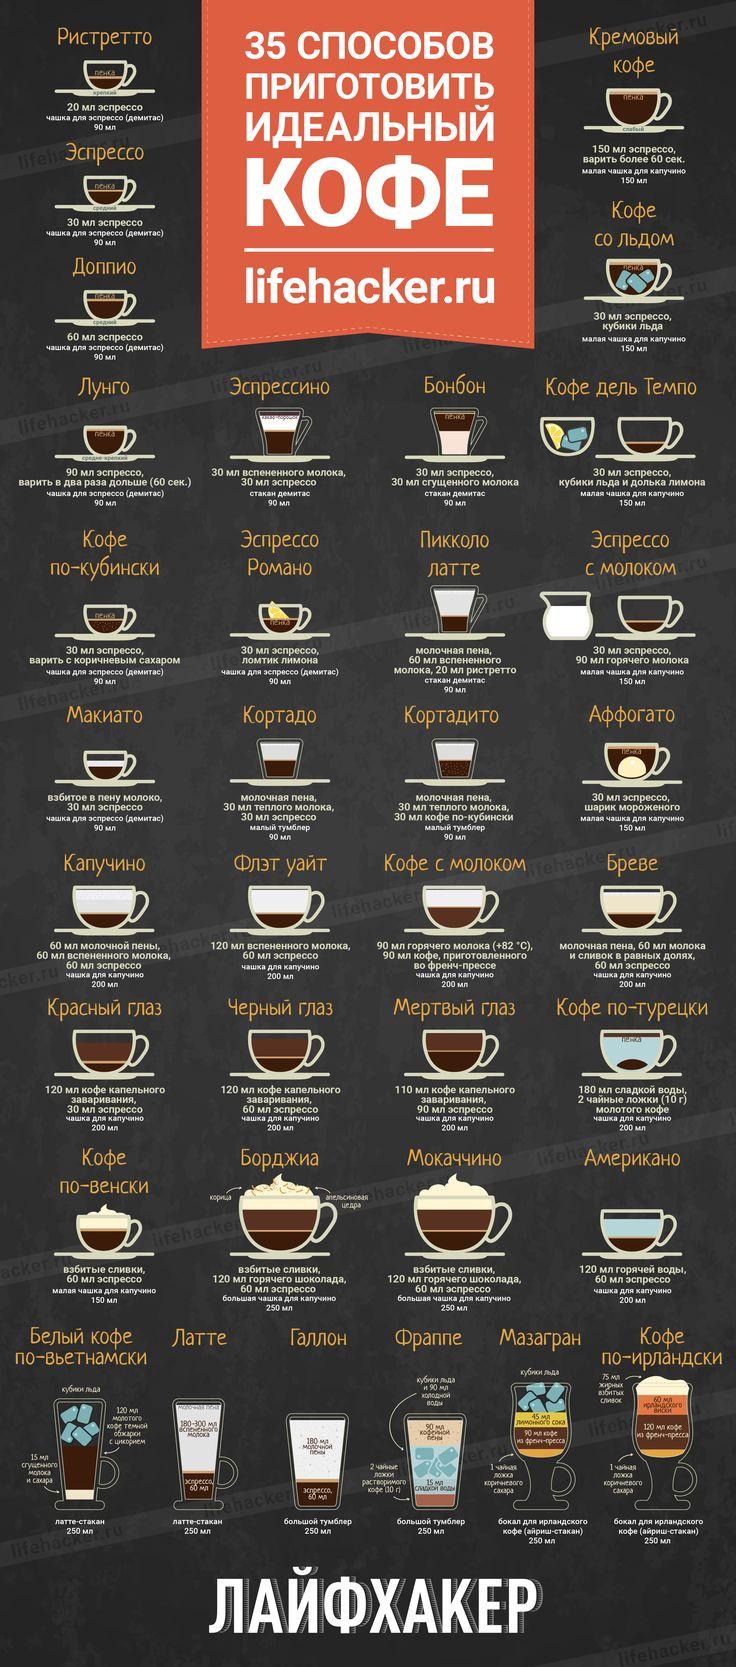 ИНФОГРАФИКА: 35 способов приготовить идеальный кофе - Лайфхакер